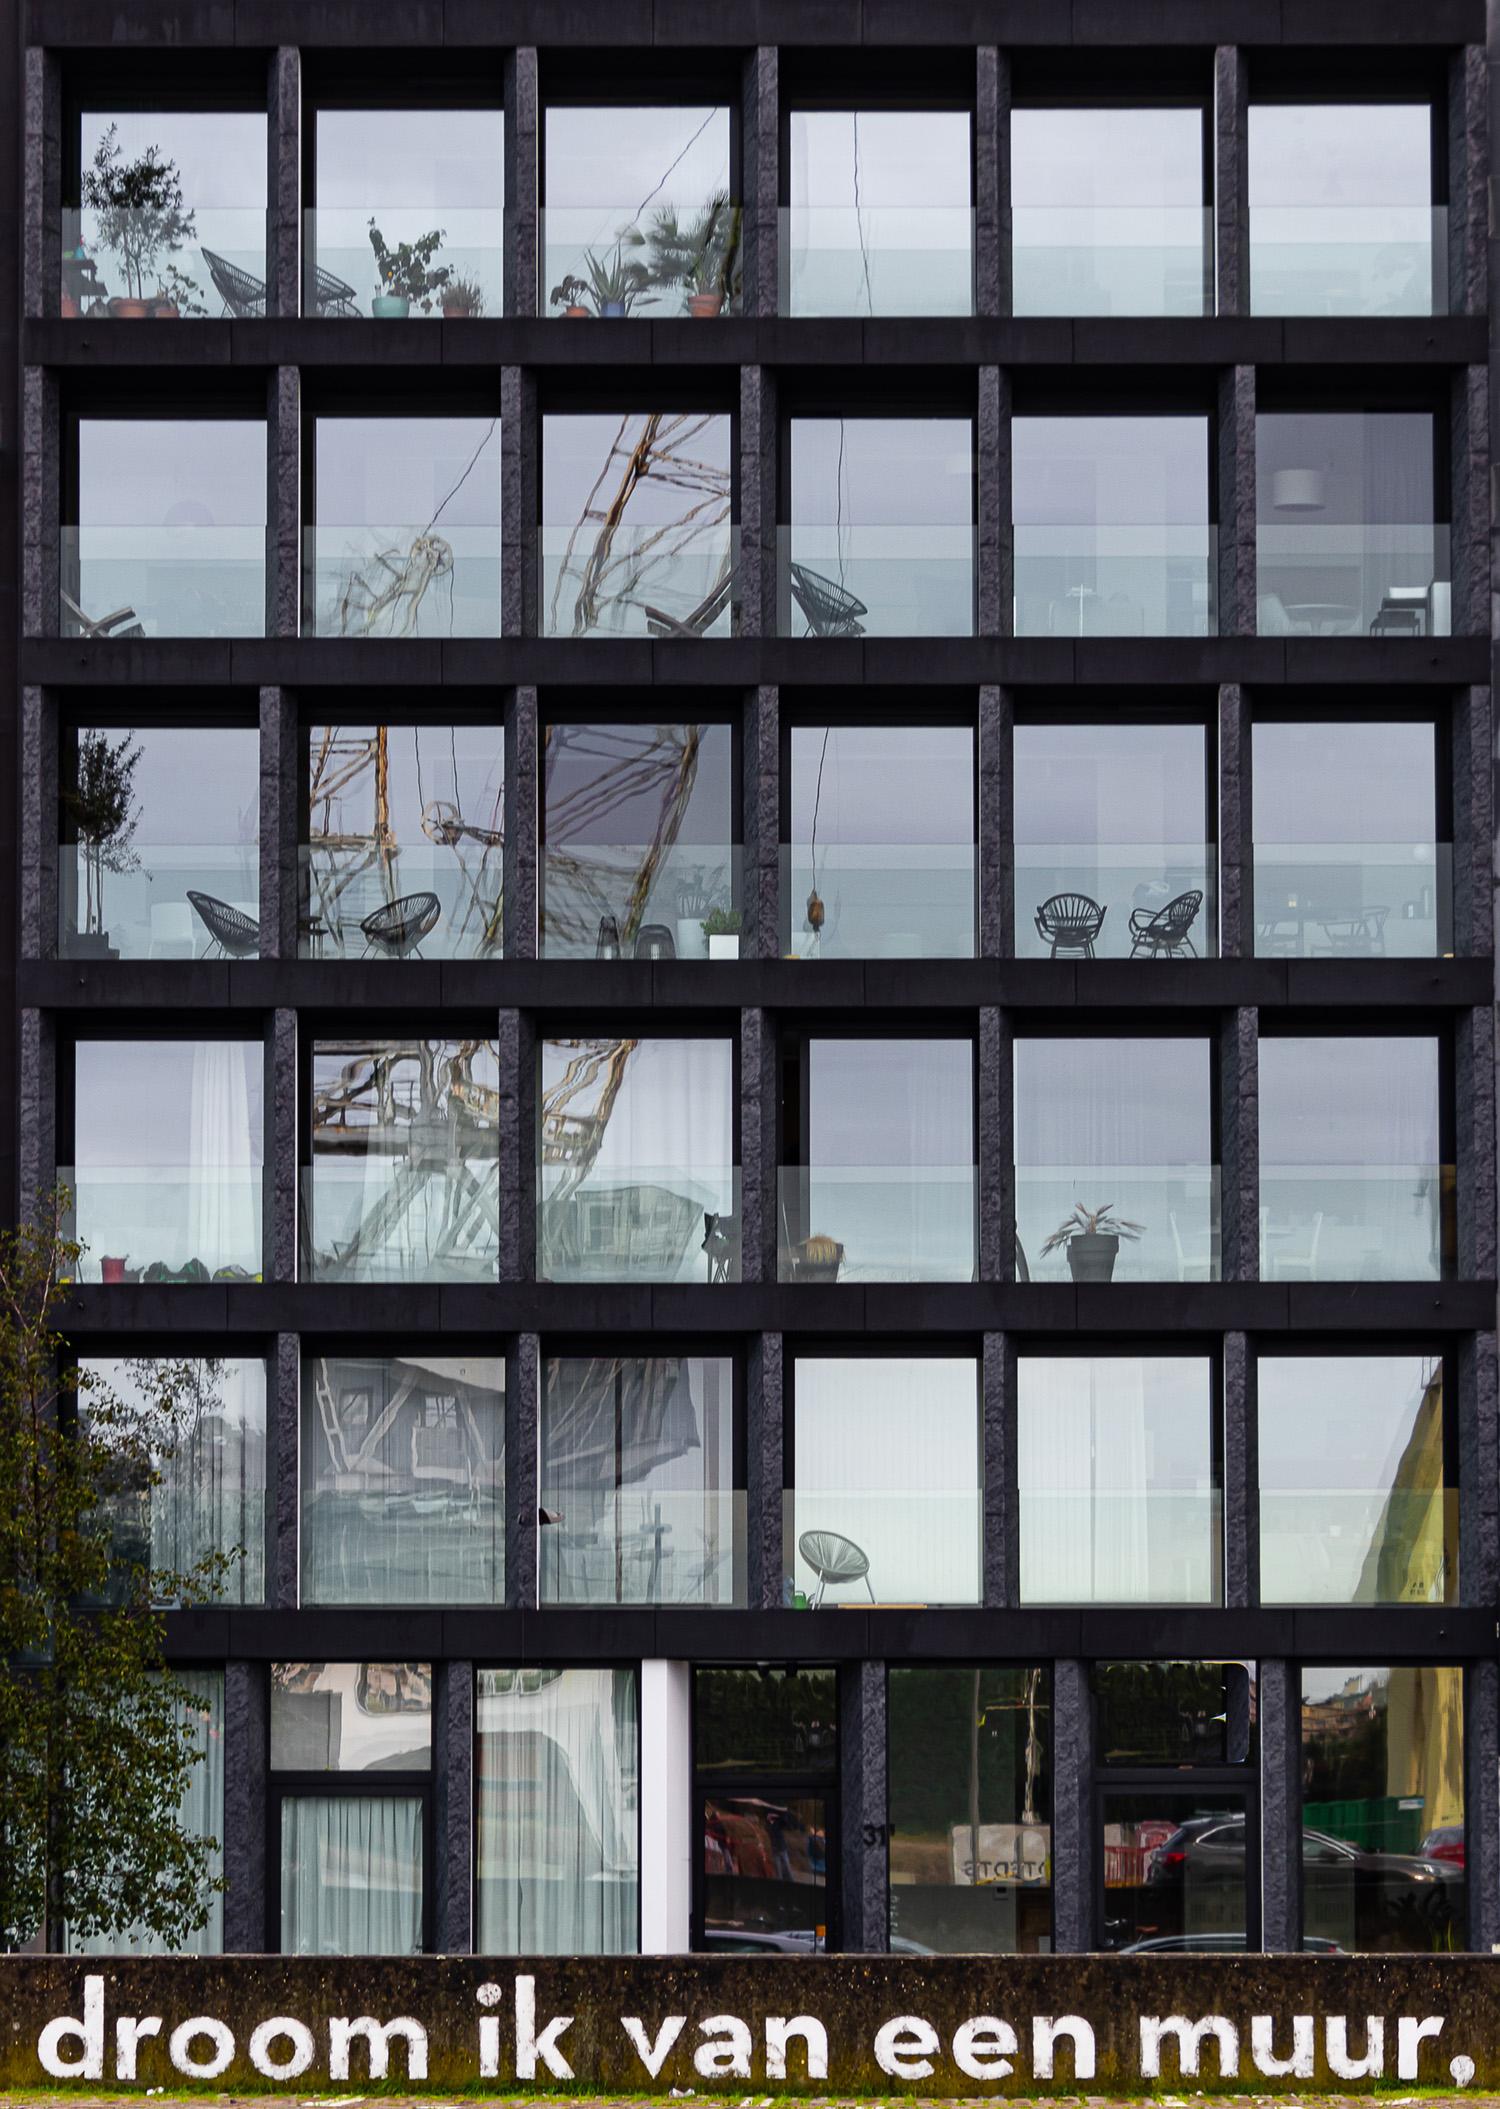 Antwerpen-droom ik van een muur-1